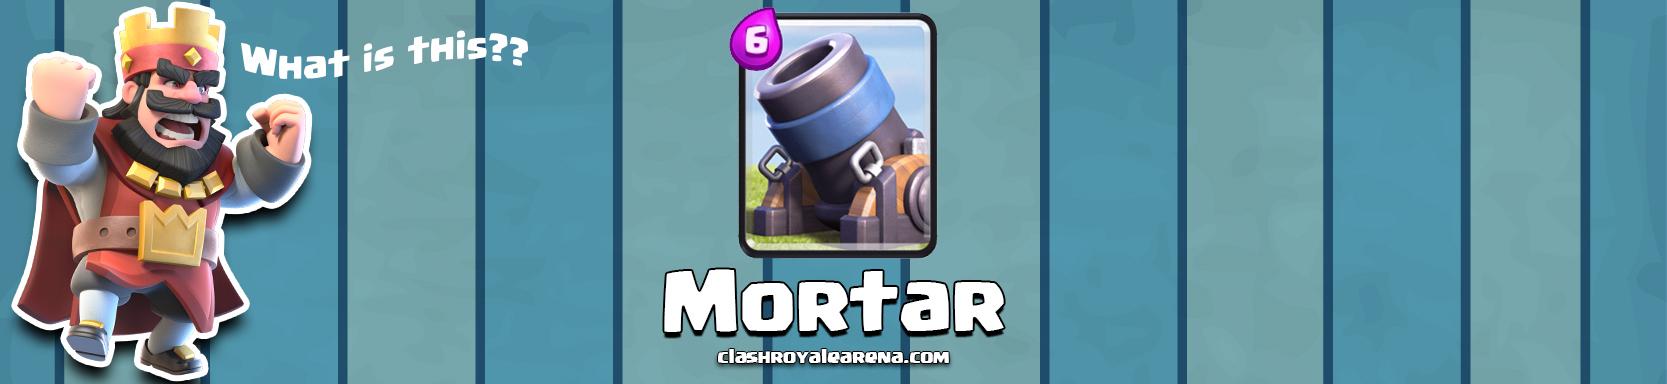 Clash Royale Mortar